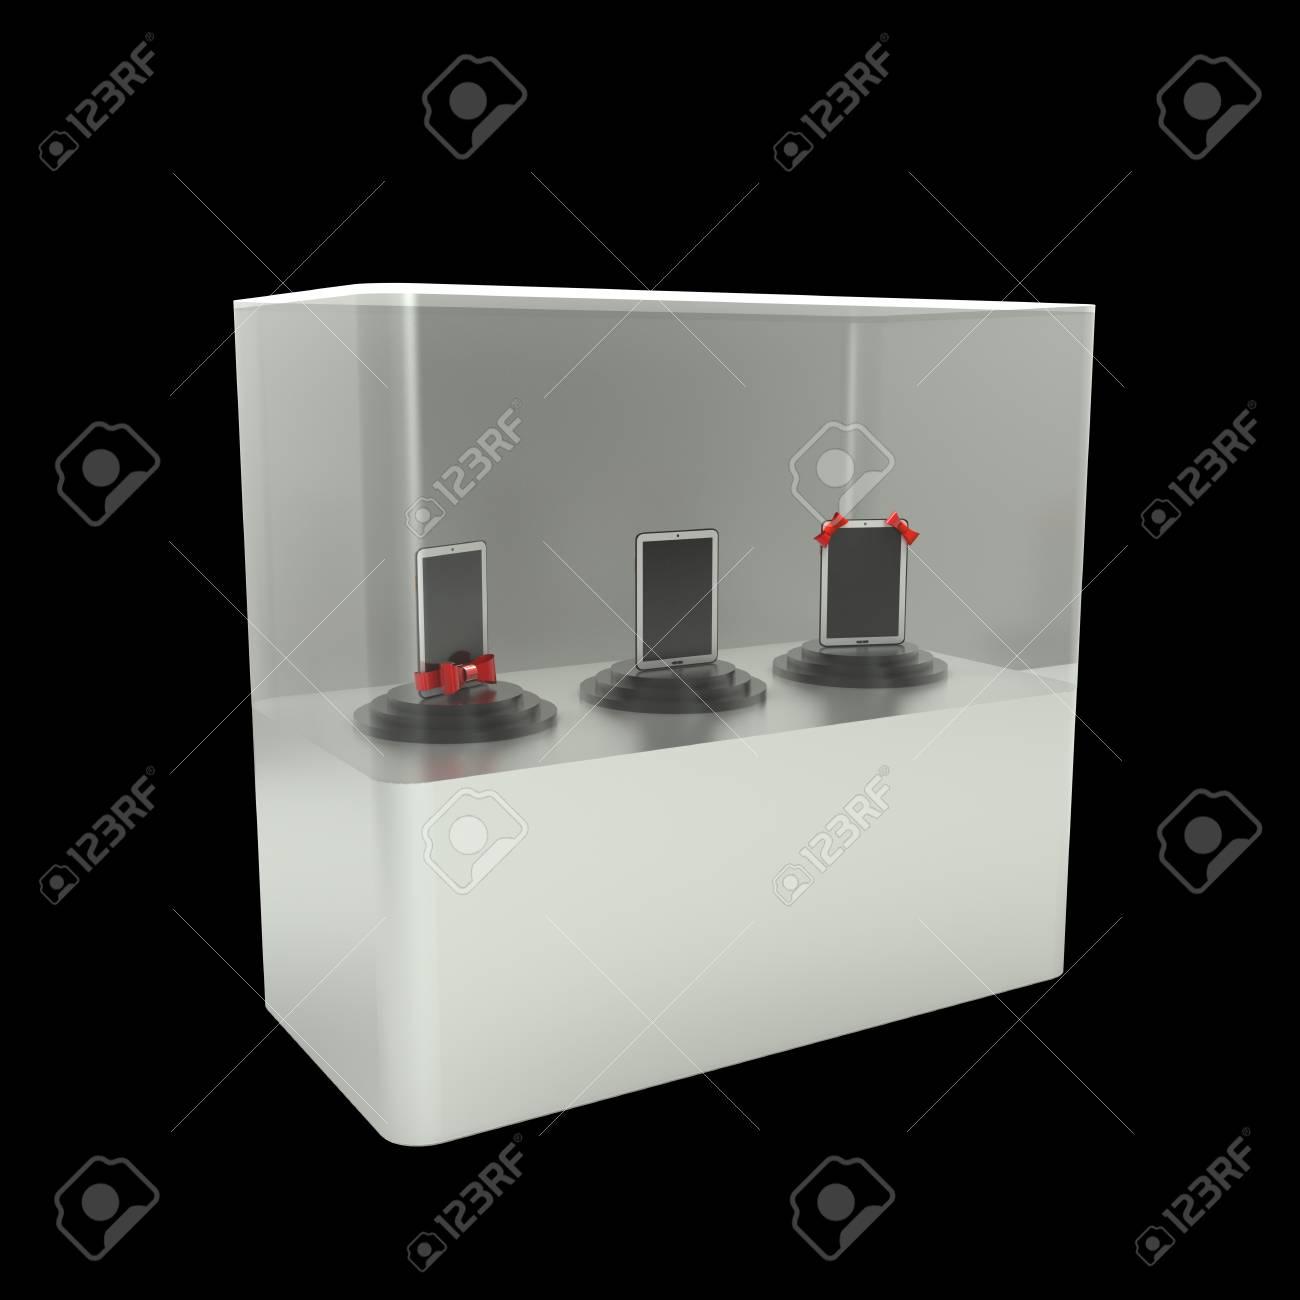 Glazen Kast Tablet Pc Geïsoleerd Op Zwarte Achtergrond 3d Illustratie Hoge Resolutie